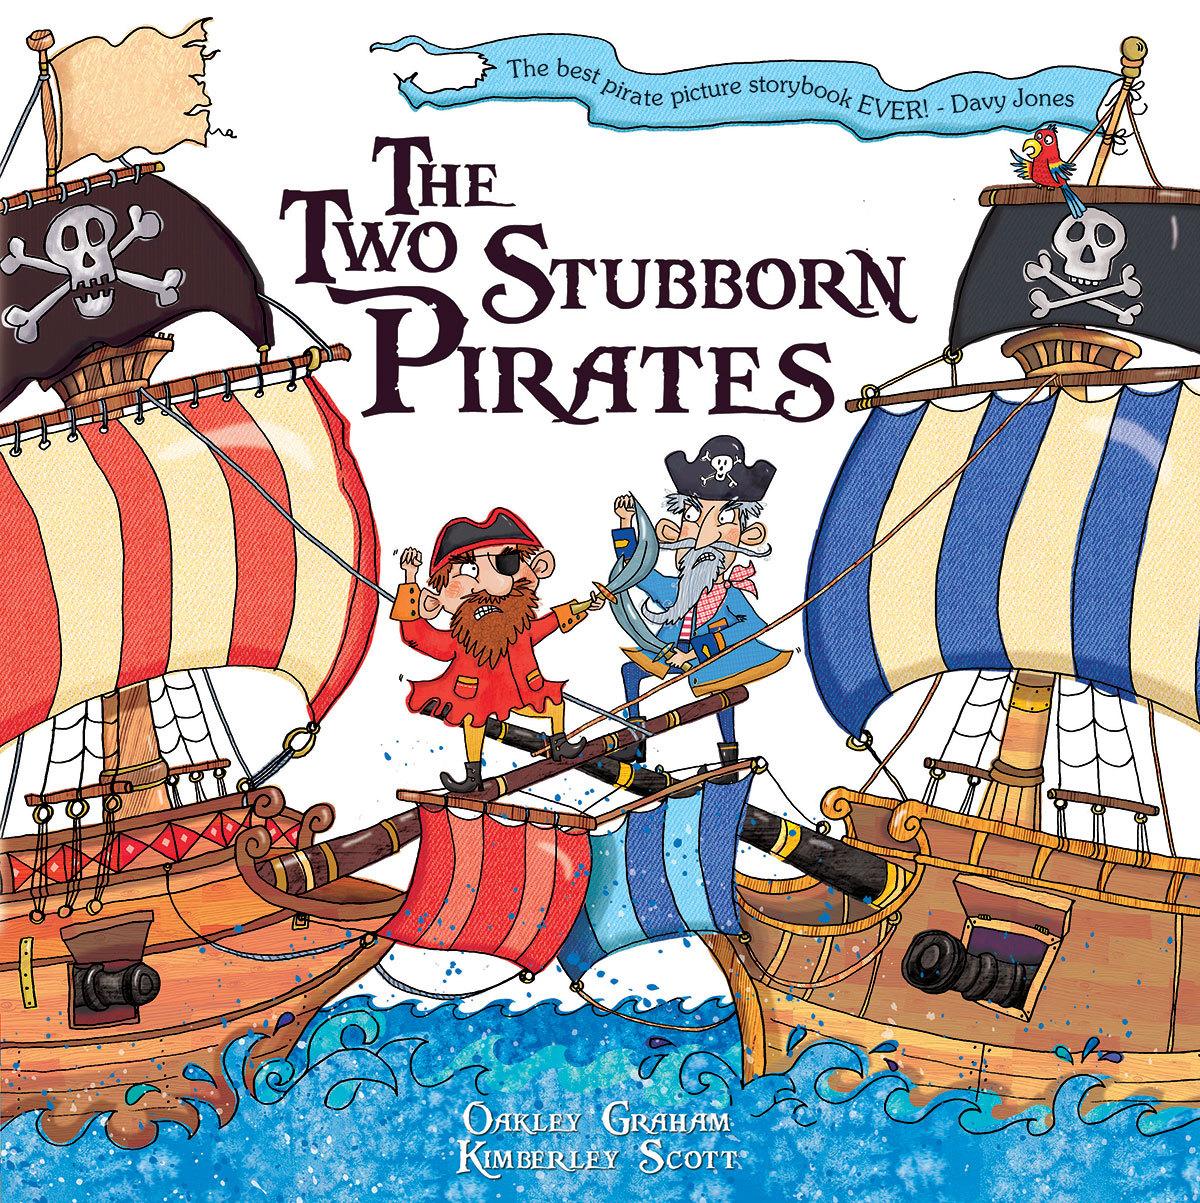 THE TWO STUBBORN PIRATES